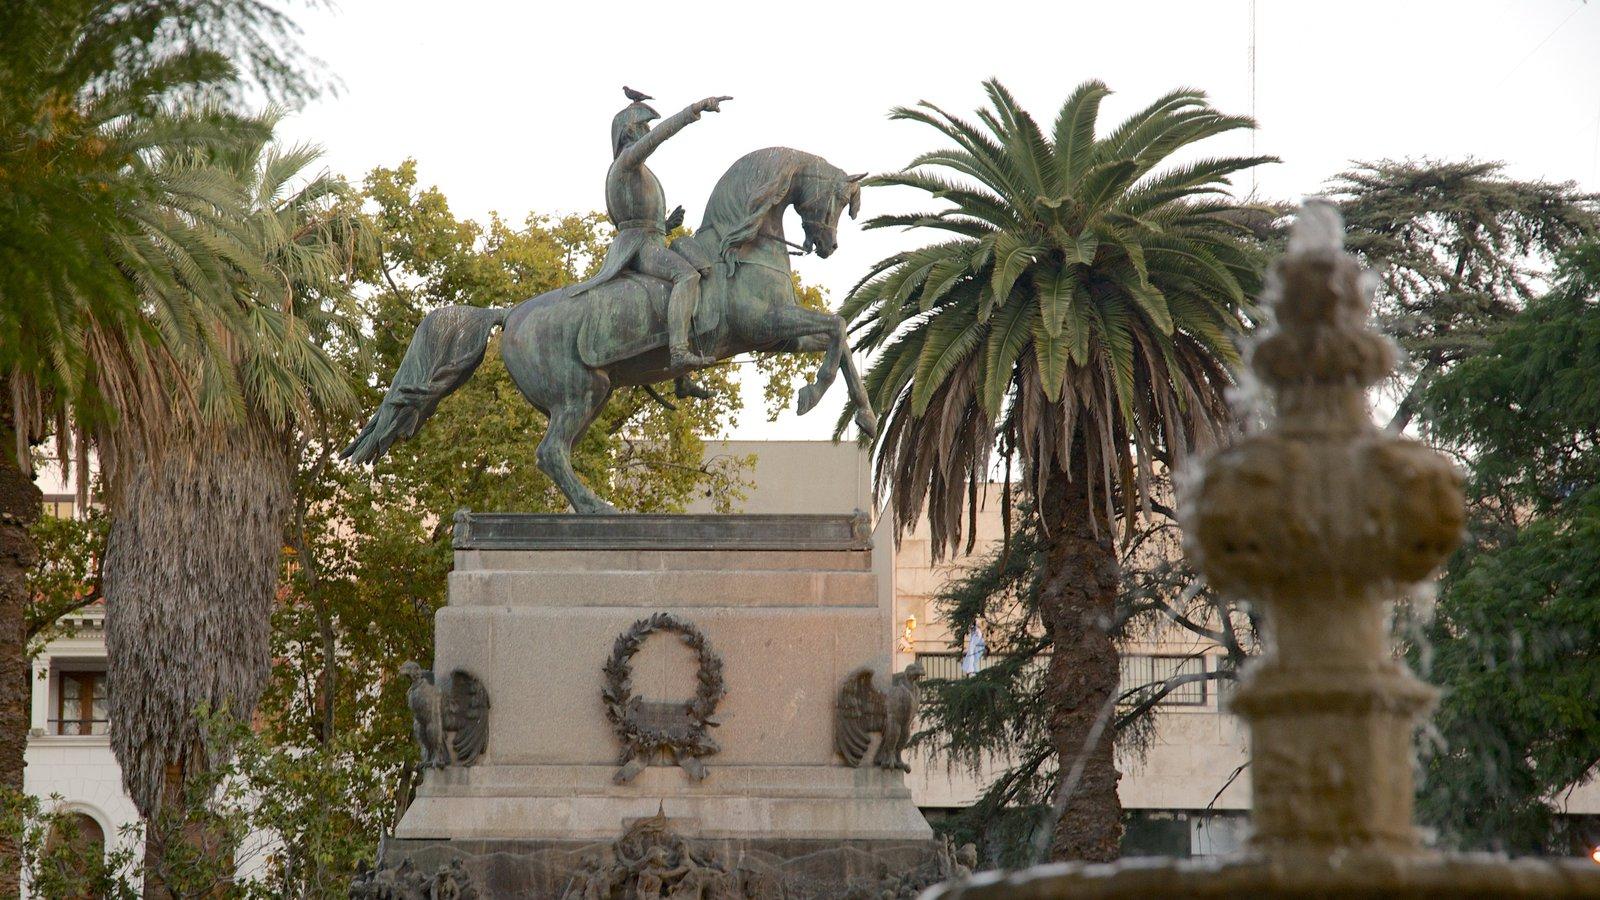 Plaza San Martín caracterizando uma estátua ou escultura